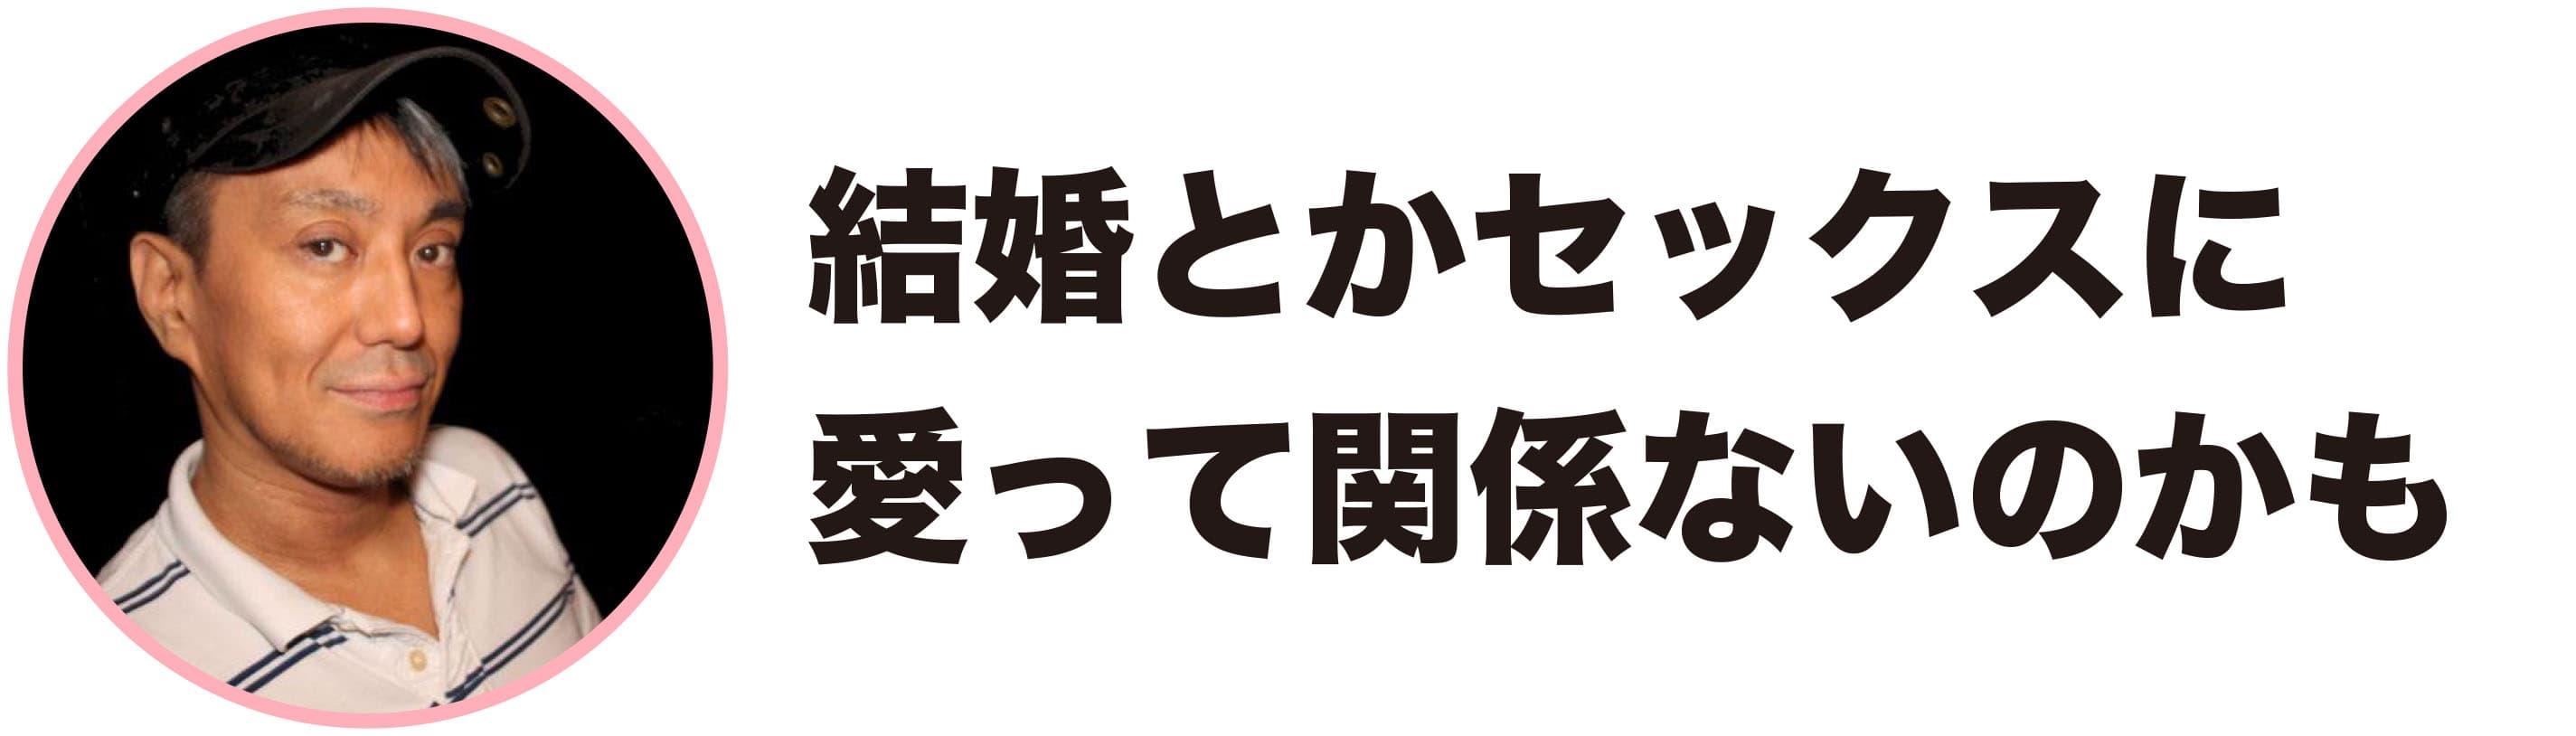 処女の疑問①に答える二村ヒトシさん画像